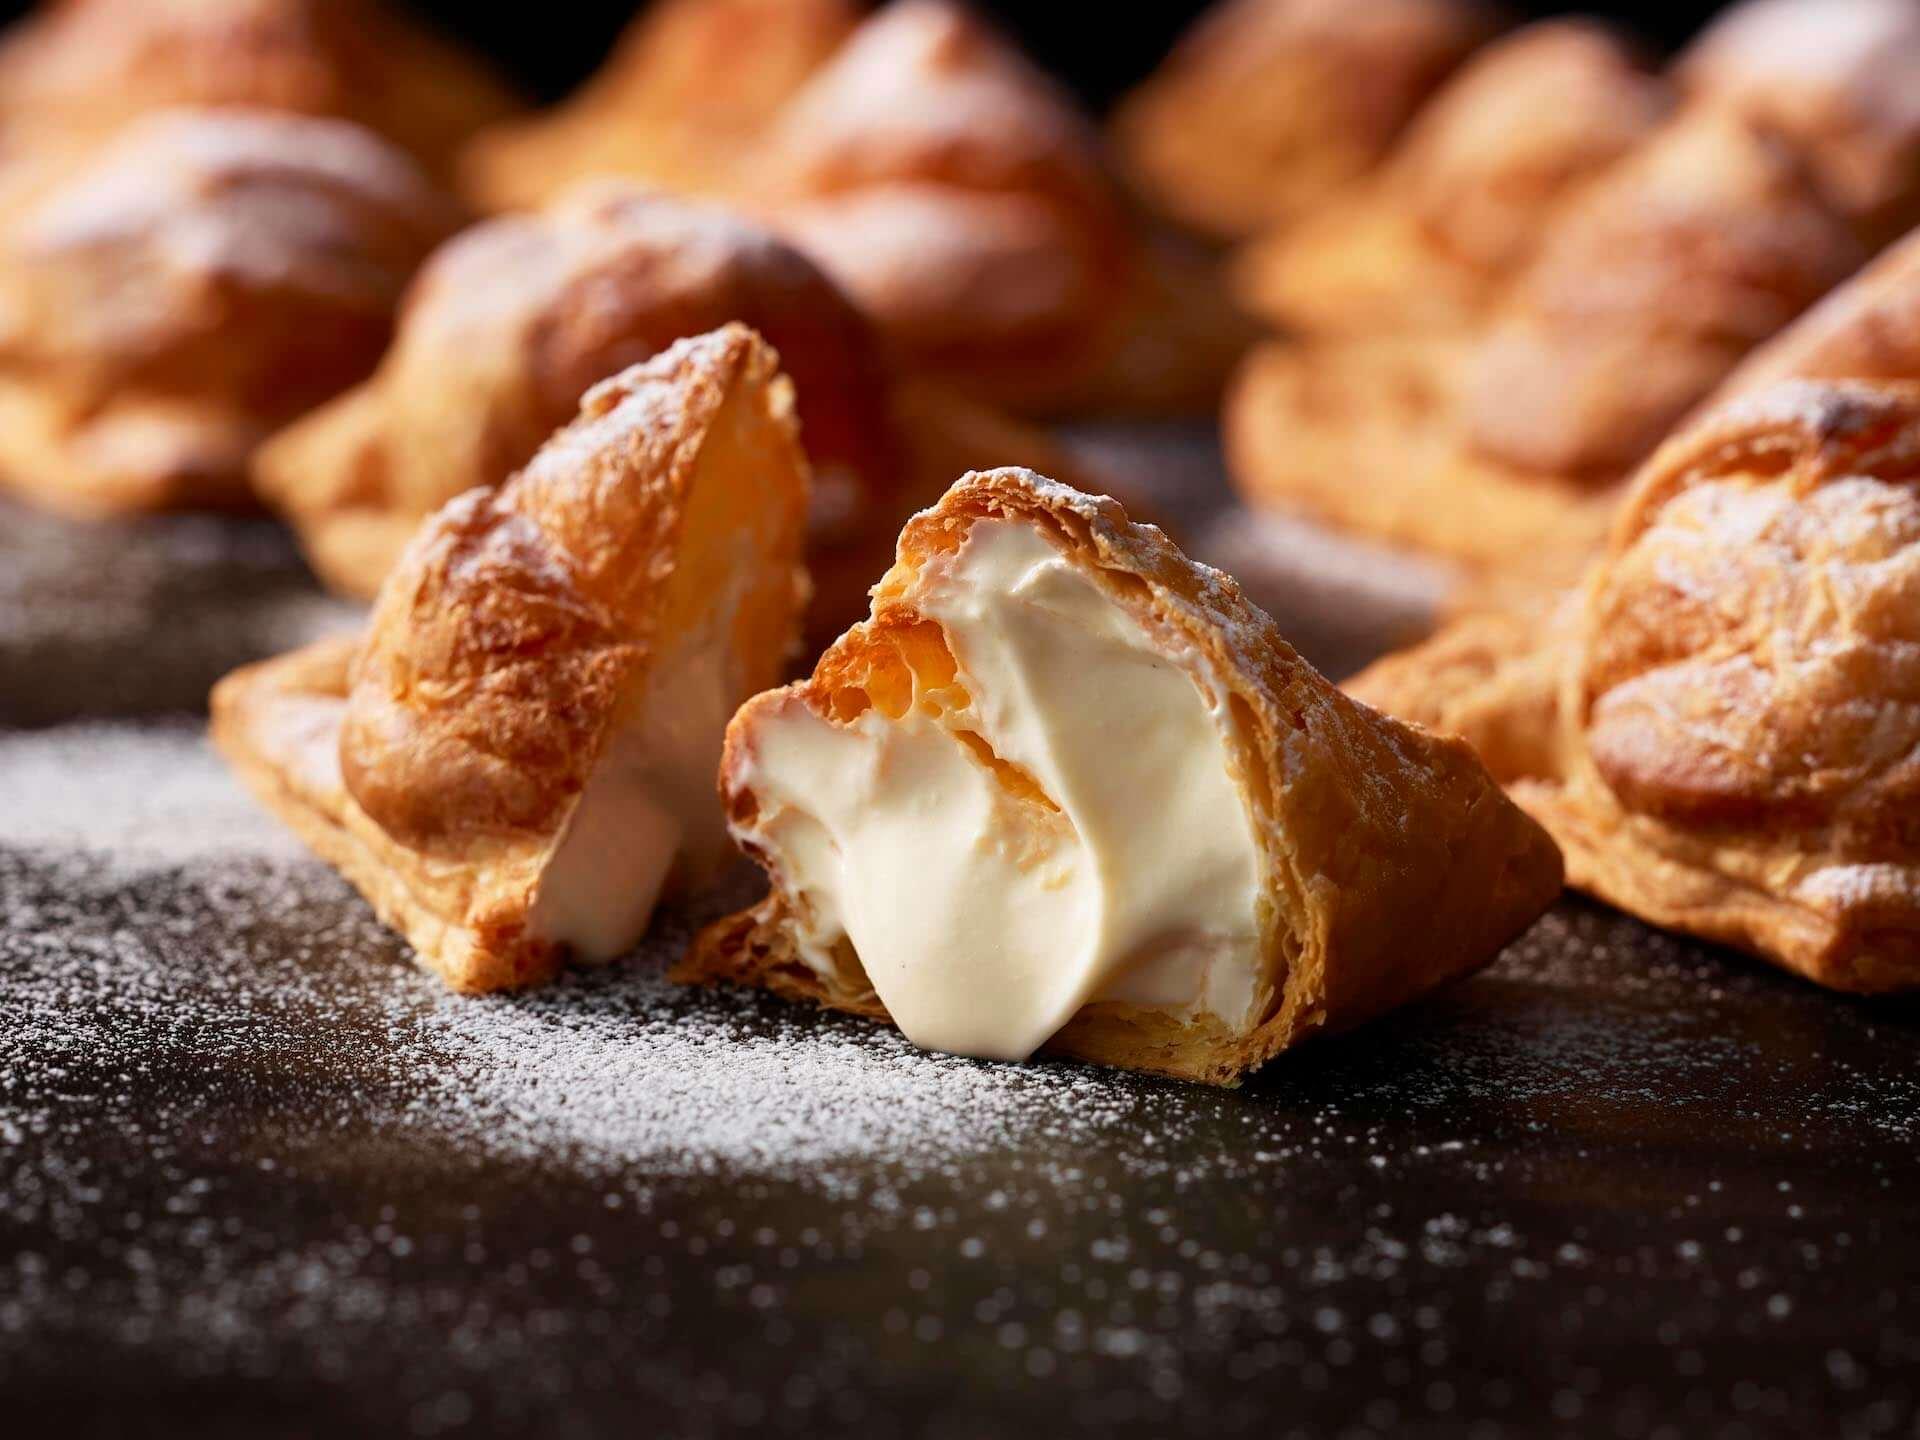 溢れ出るレモンソースを堪能しよう!話題の東京ミルクチーズ工場「Cow Cow Kitchen」に新作『ミルクパイはちみつレモン』が登場 gourmet200730_cowcow-kitchen_5-1920x1440